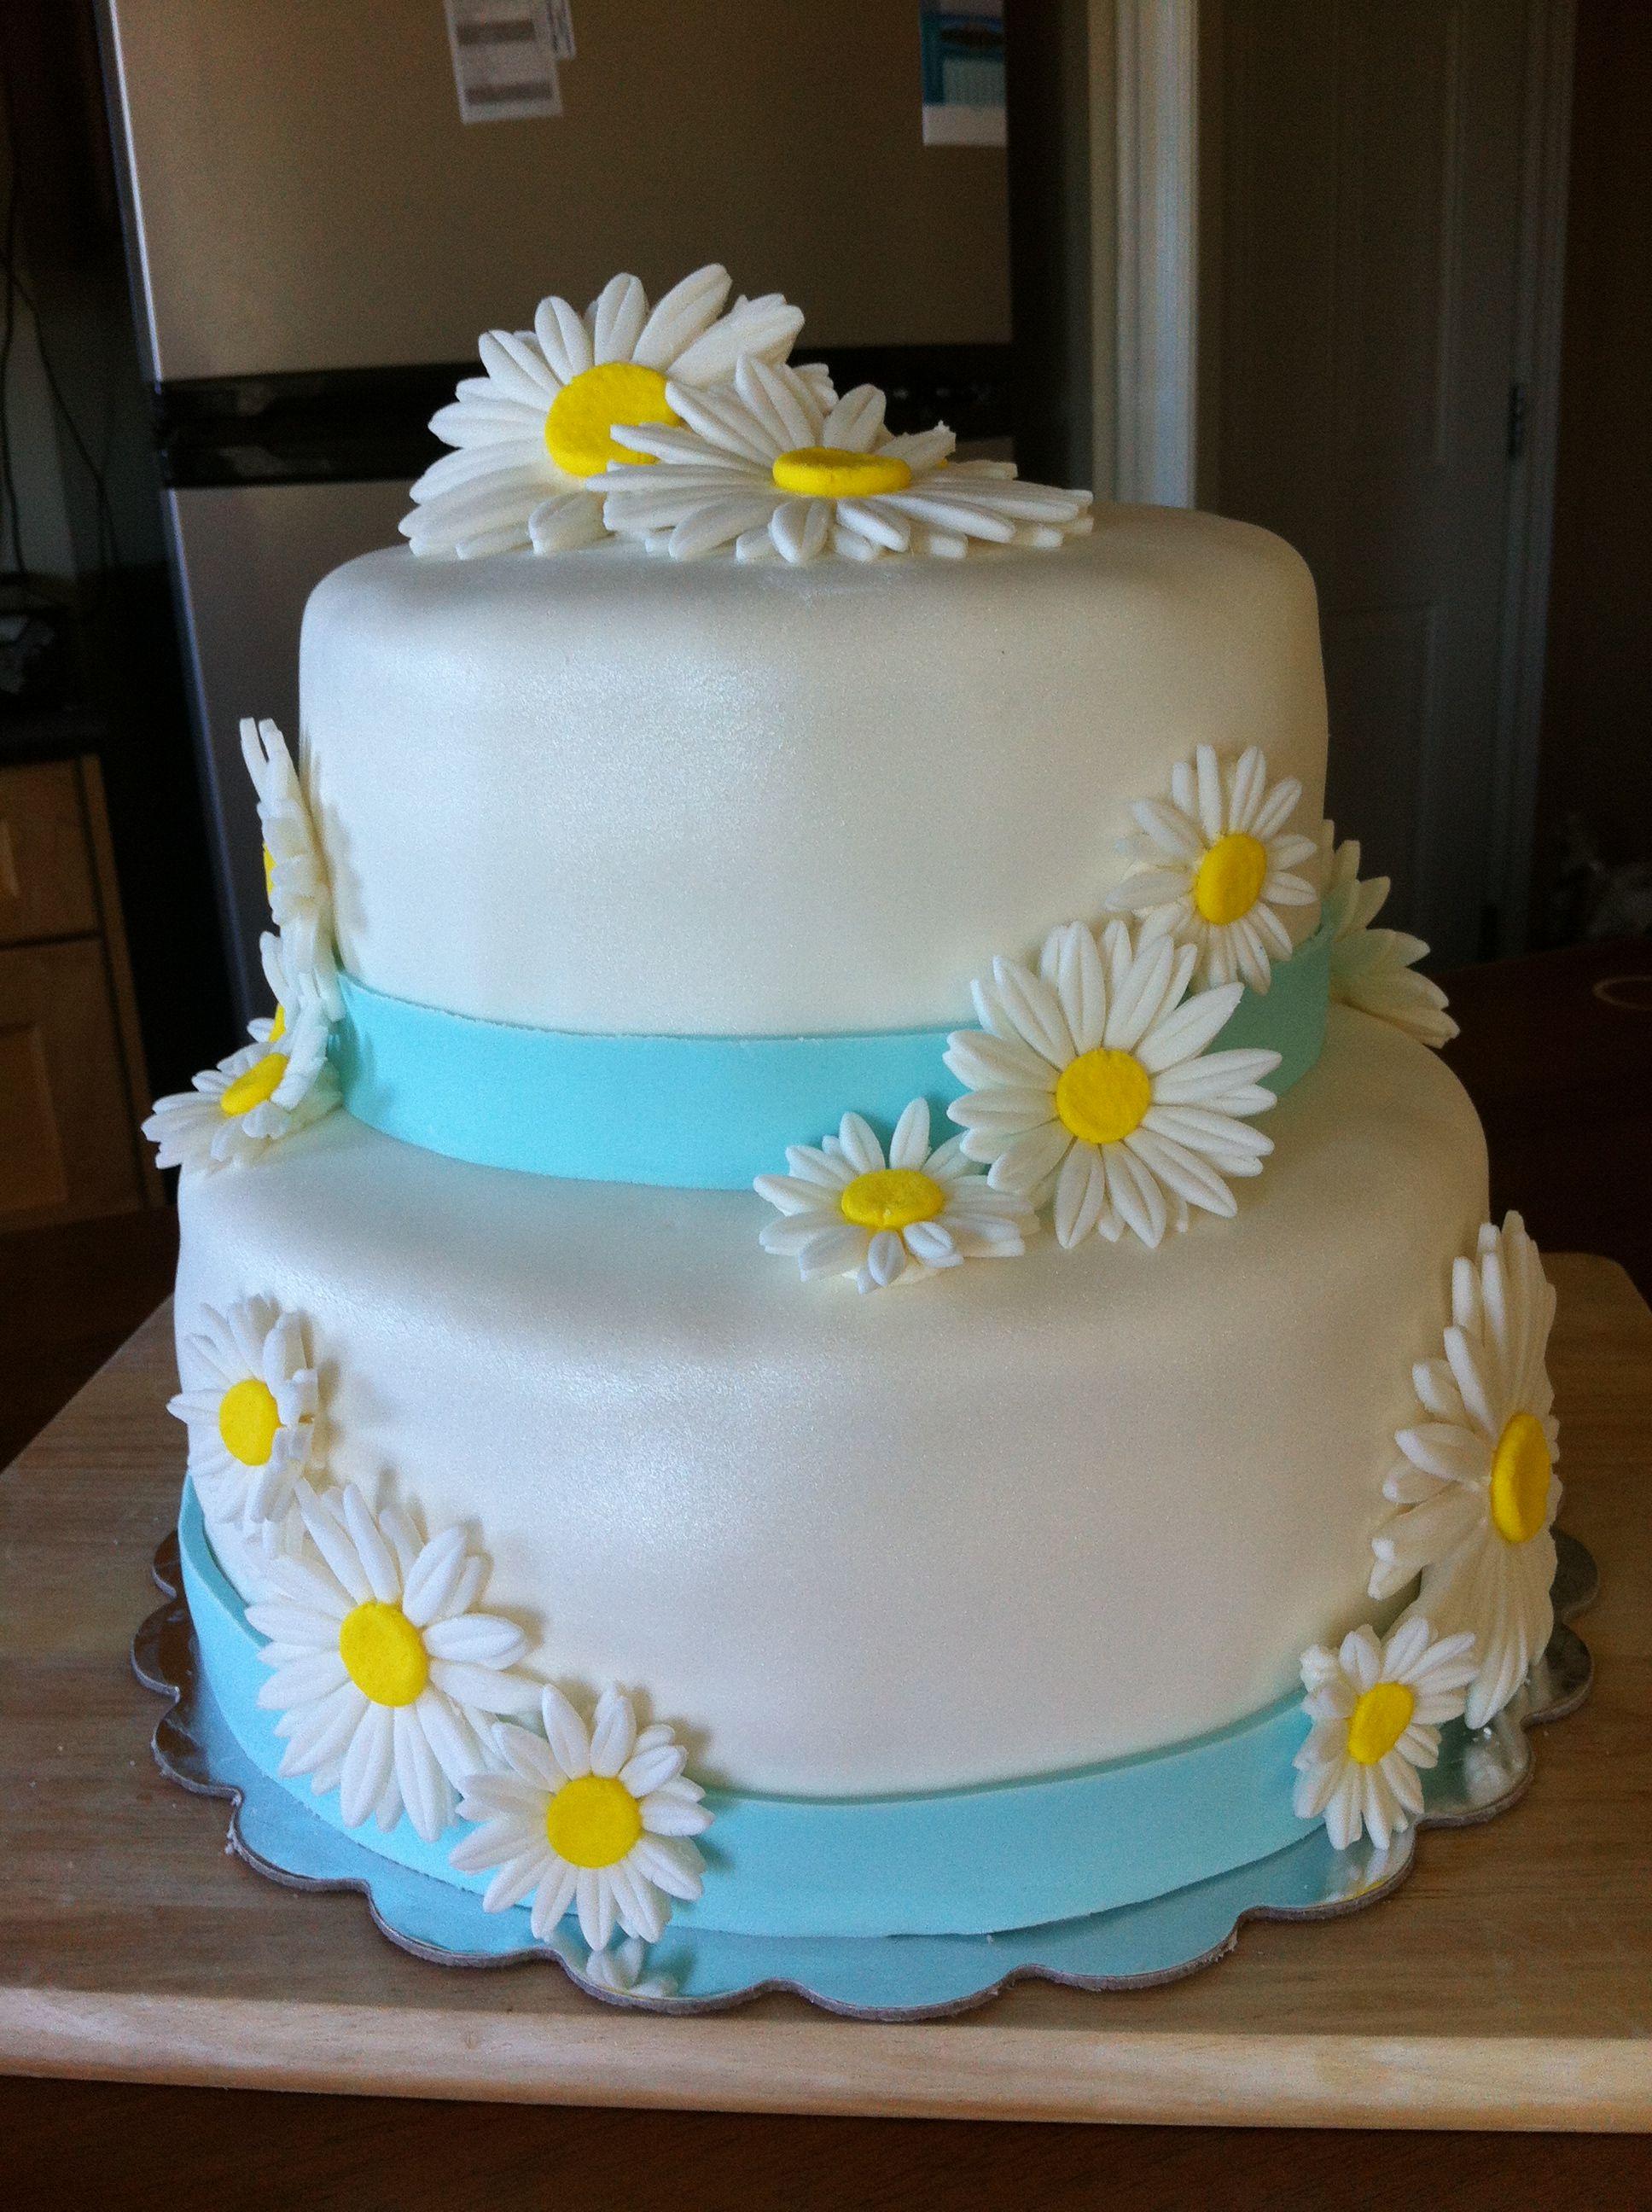 Cake Decor Daisy : Daisy wedding cake Cake Decorating Pinterest